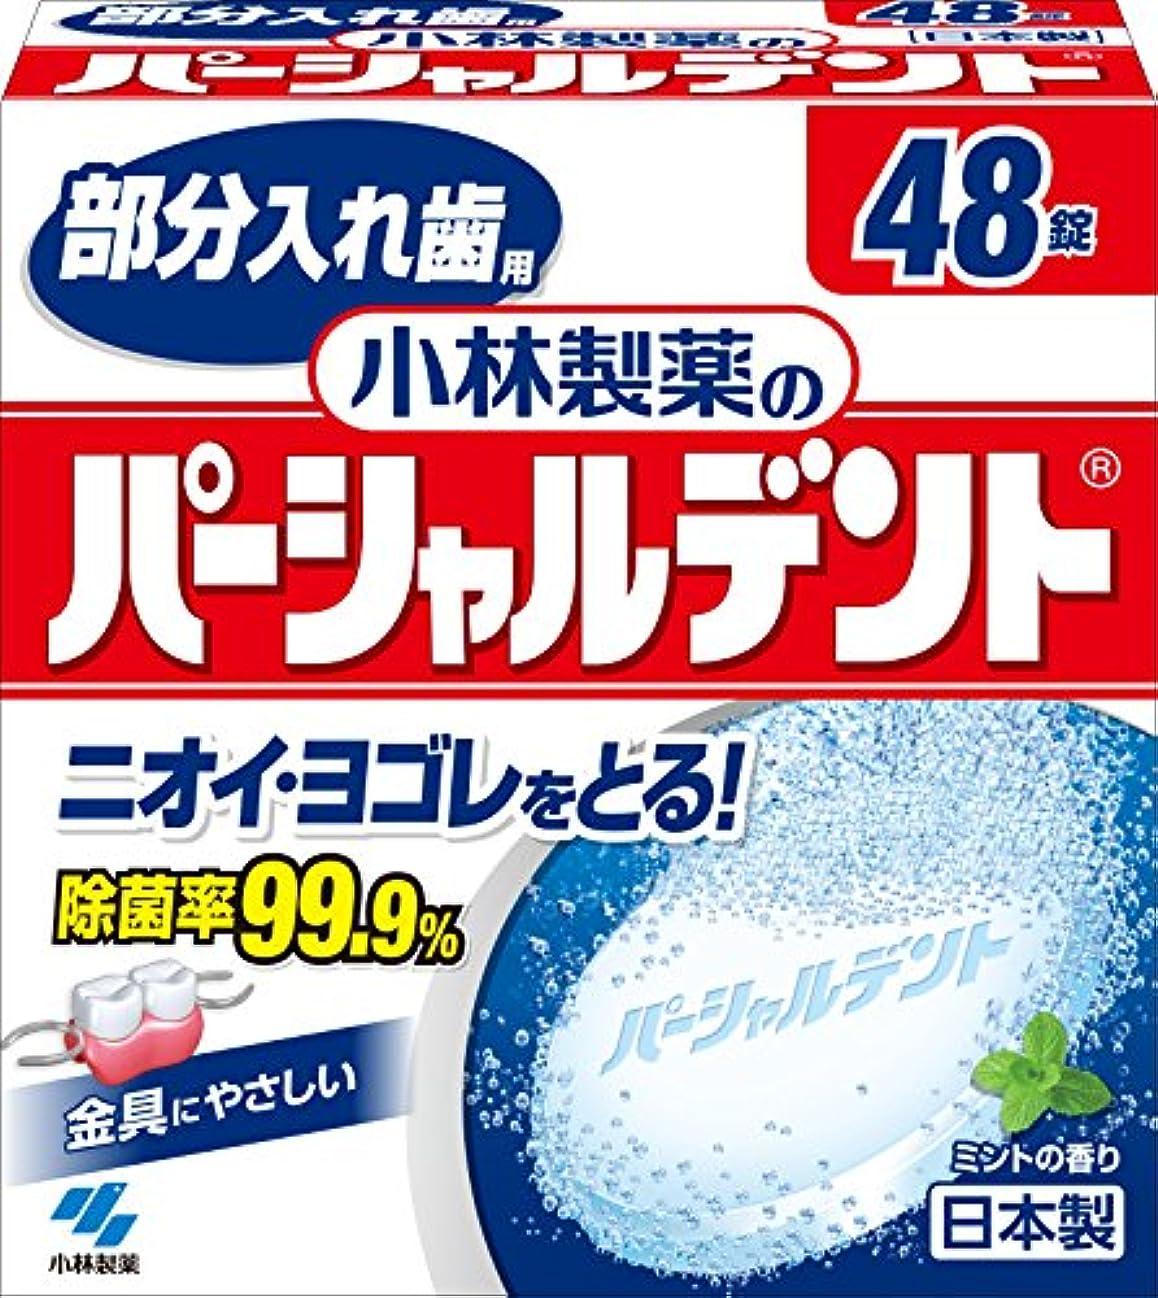 スピーカー家禽食器棚小林製薬のパーシャルデント 部分入れ歯用 洗浄剤 ミントの香 48錠